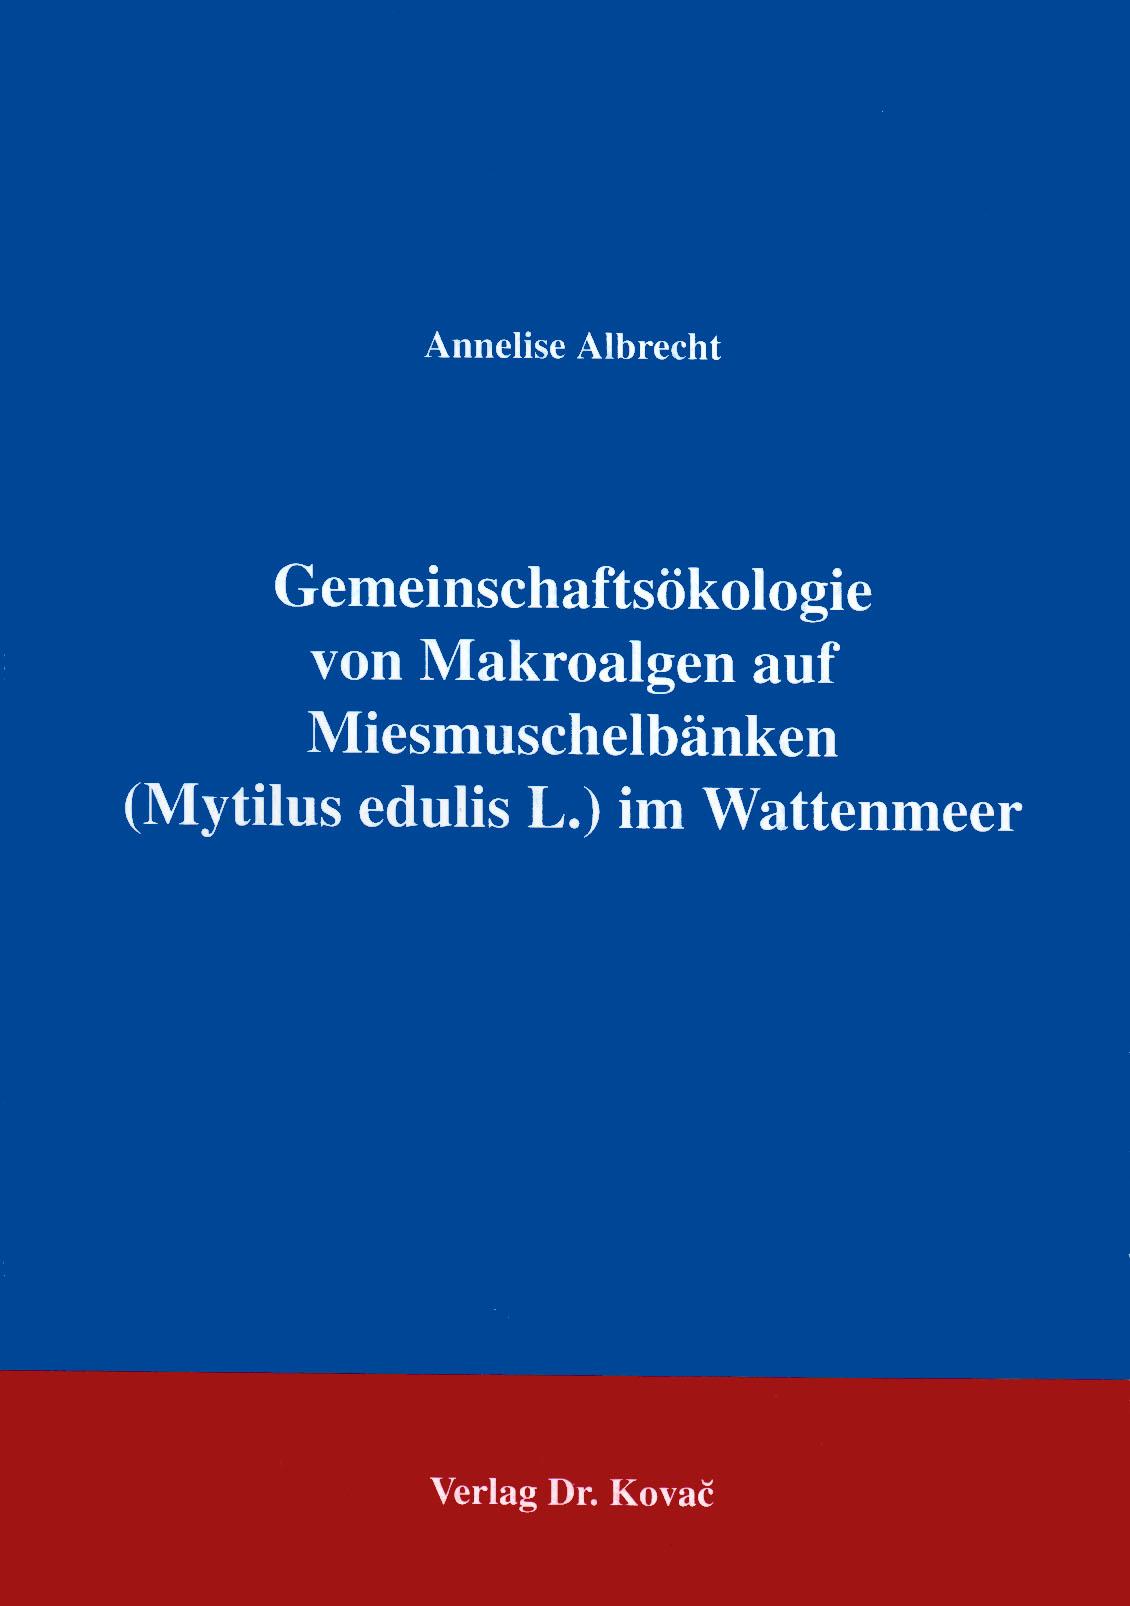 Cover: Gemeinschaftsökologie von Makroalgen auf Miesmuschelbänken (Mytilus edulis L.) im Wattenmeer